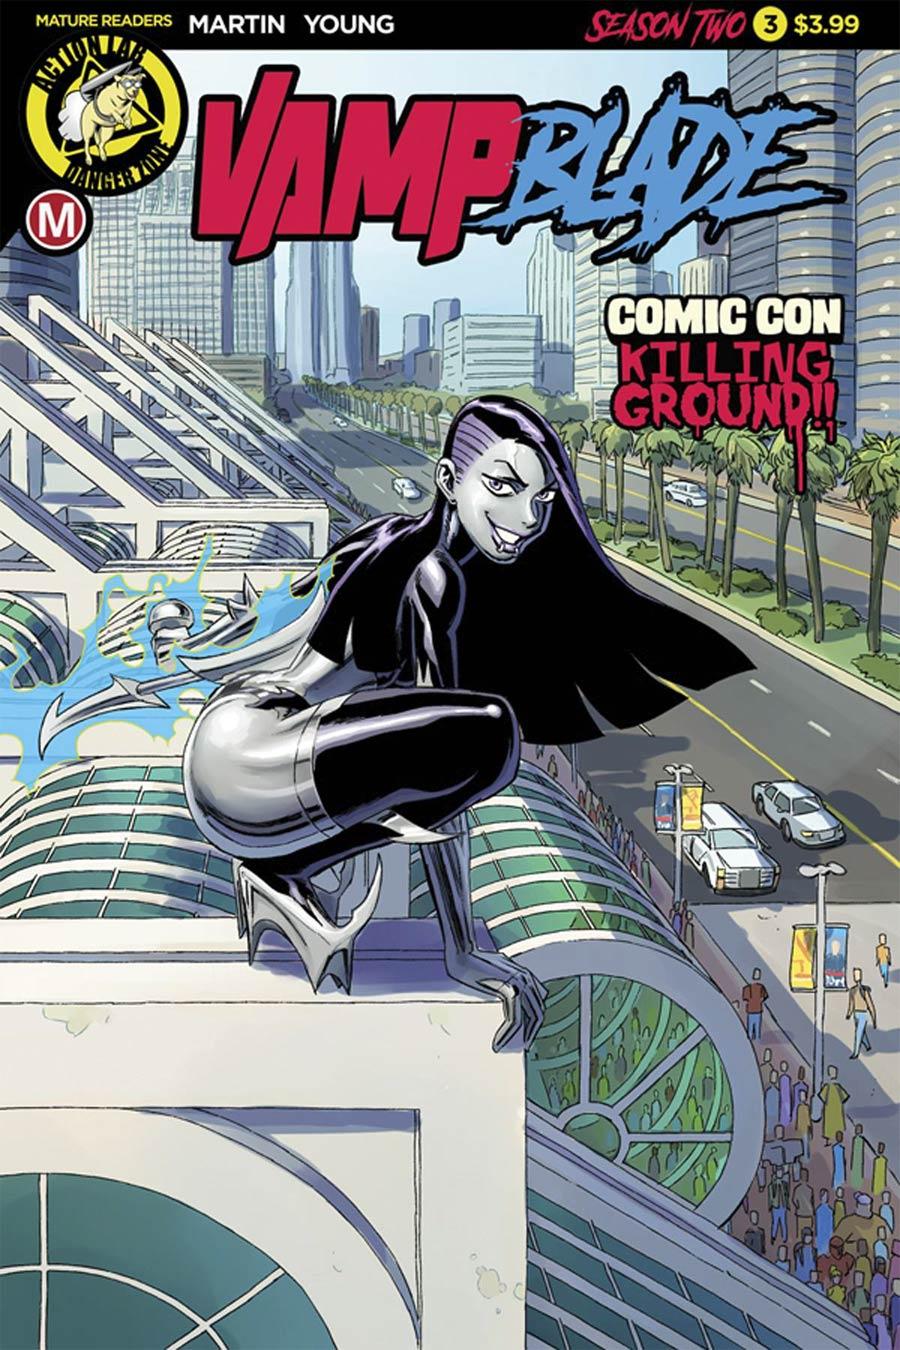 Vampblade Season 2 #3 Cover A Regular Winston Young Cover